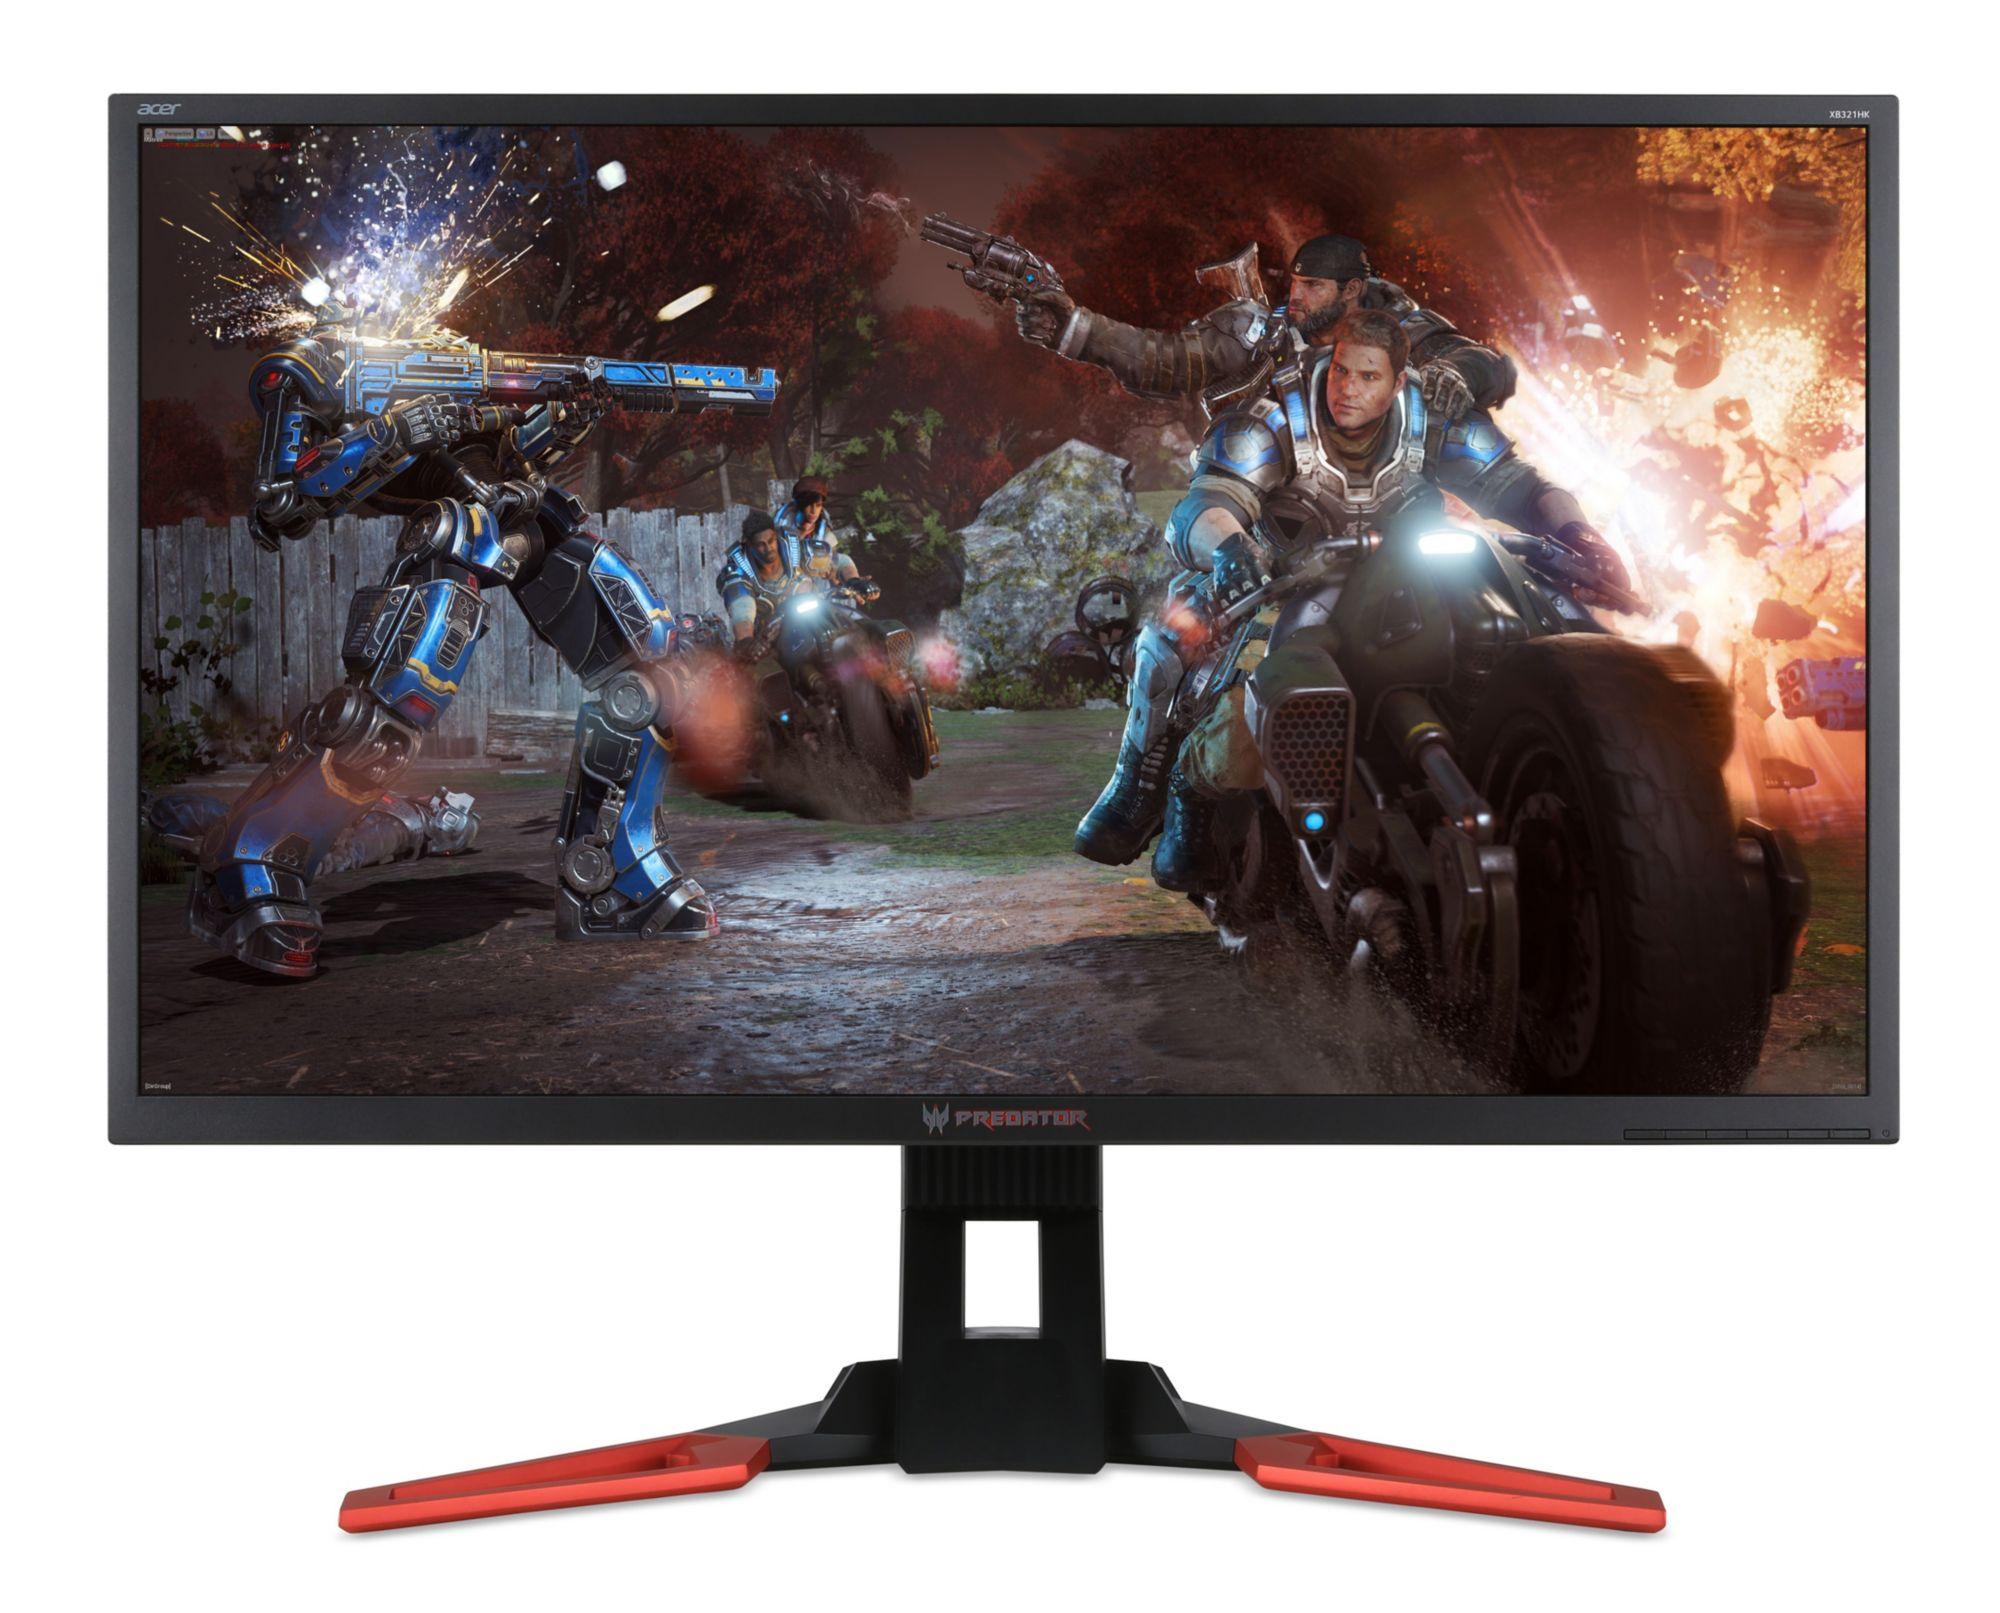 ACER Acer Predator XB321HKbmipkz LED-Monitor, 81 cm (32 Zoll), 3840 x 2160, 16:9